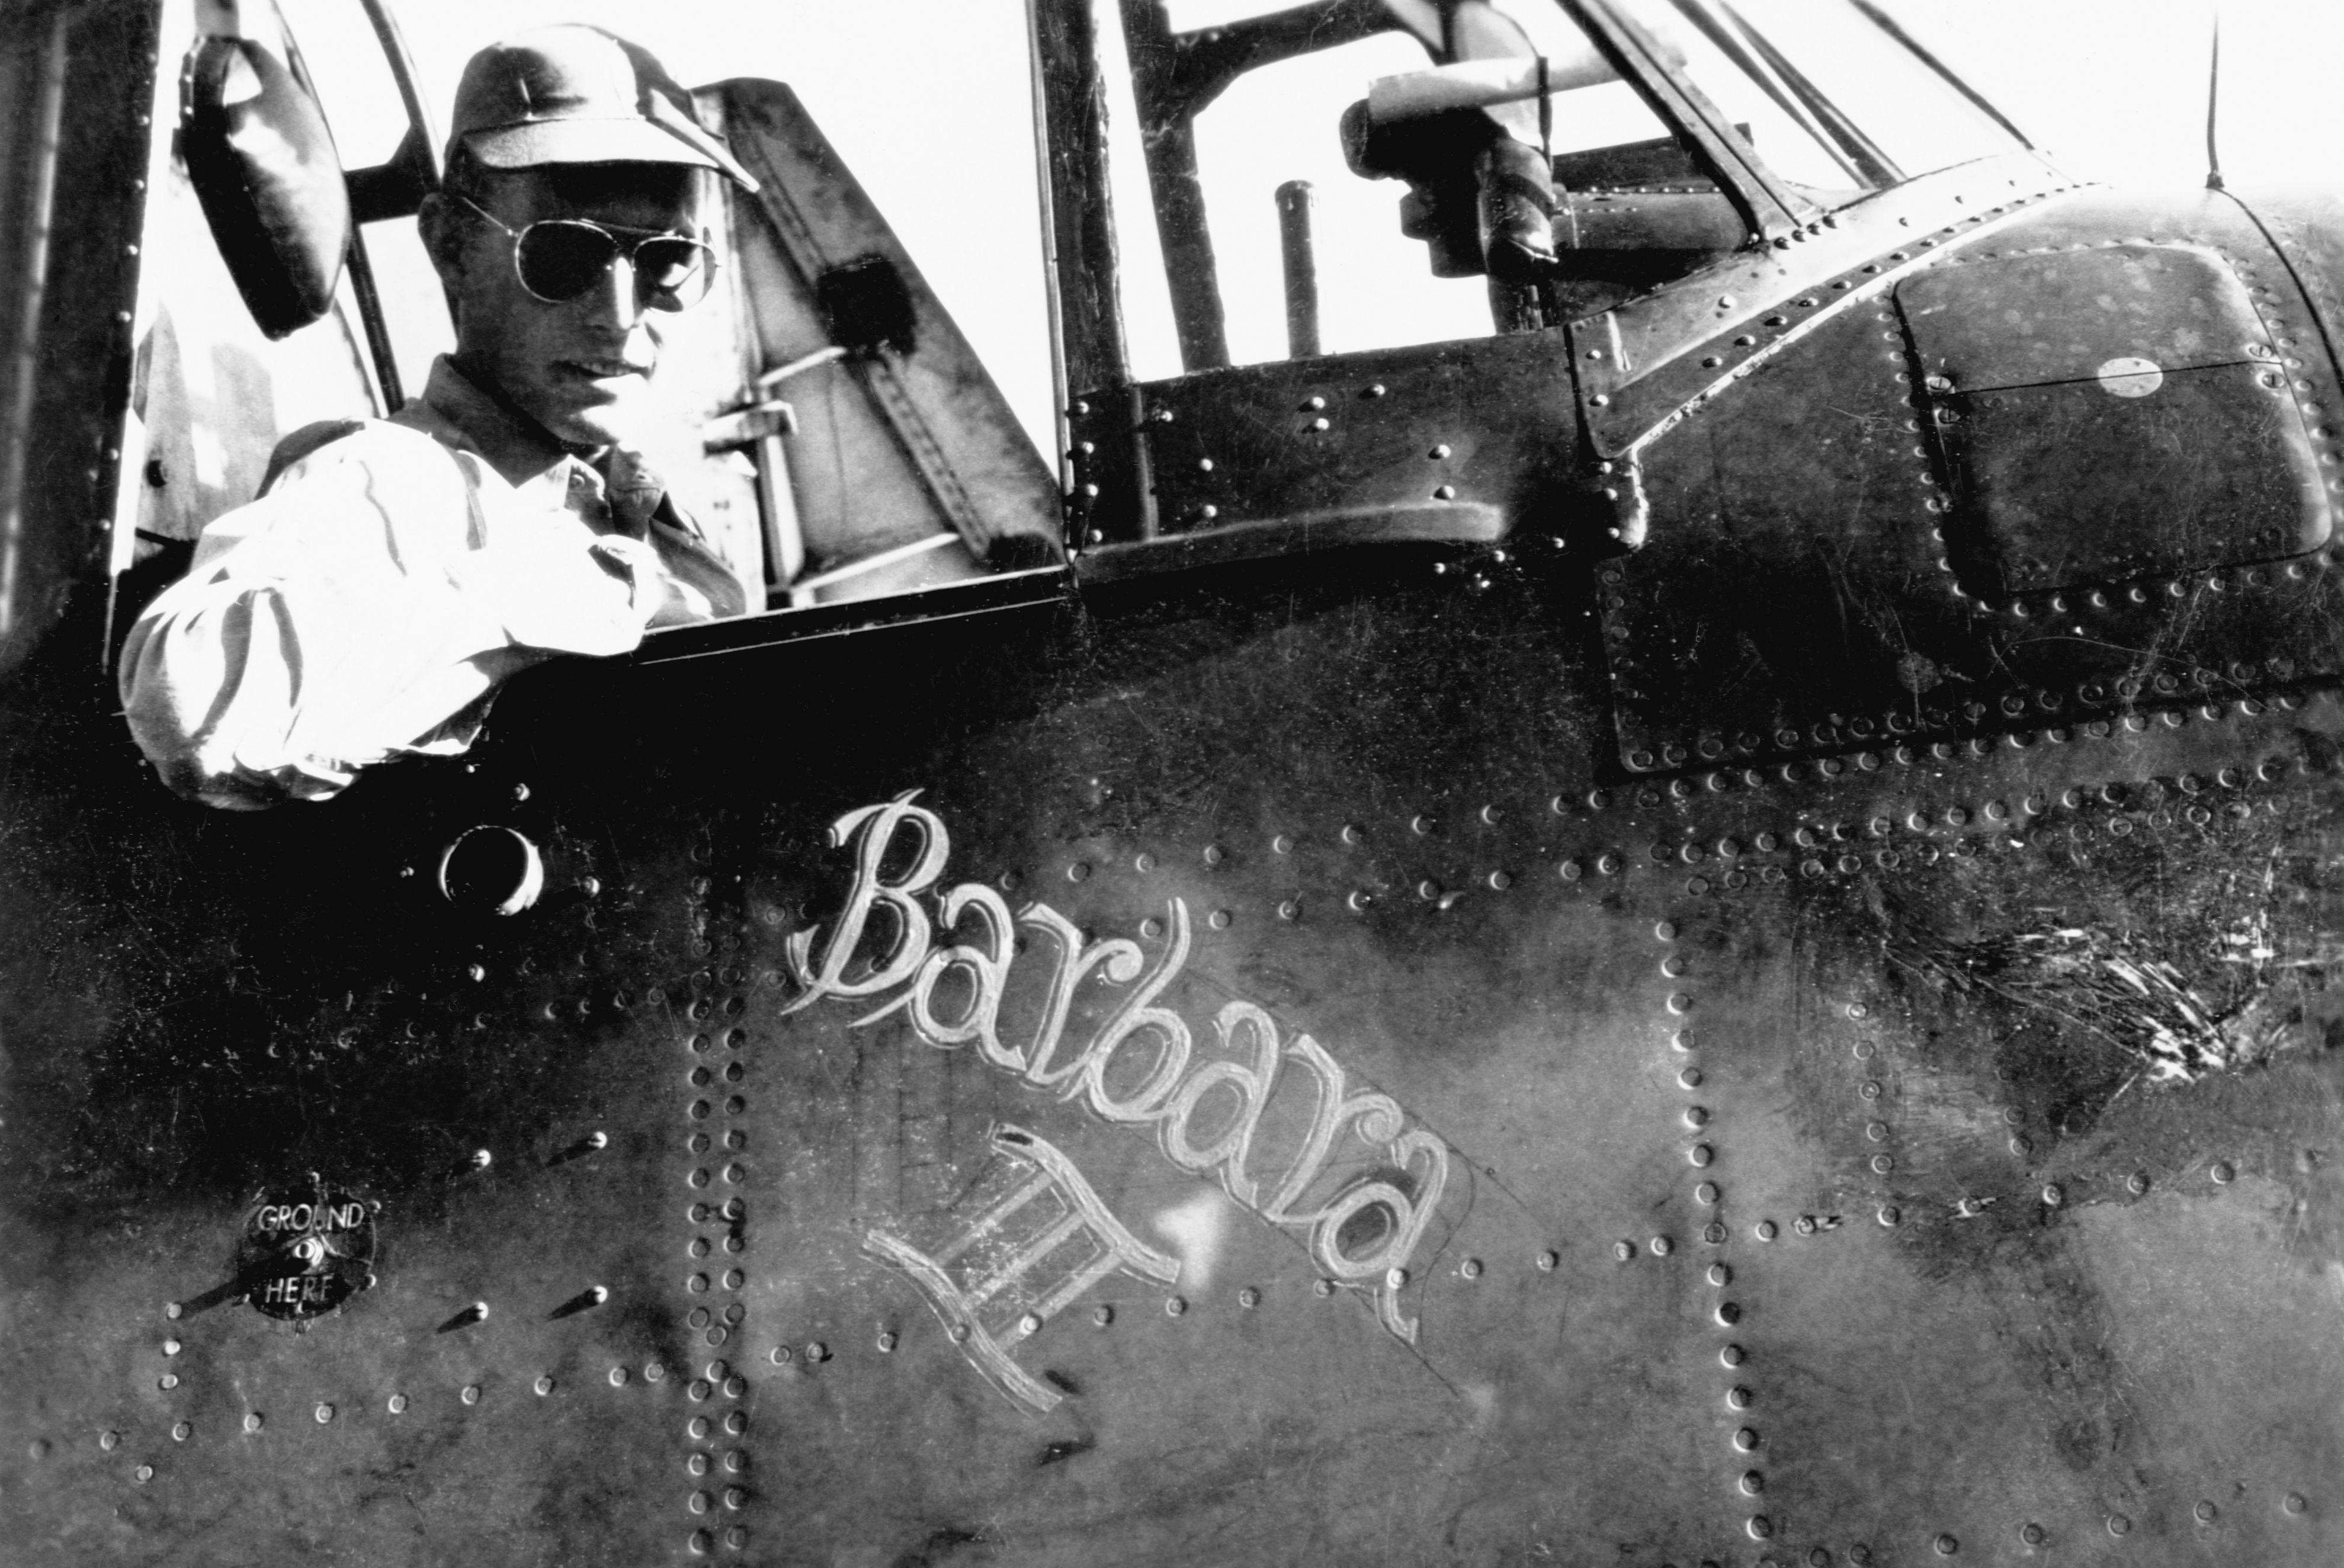 george h.w. bush 1945 barbara plane